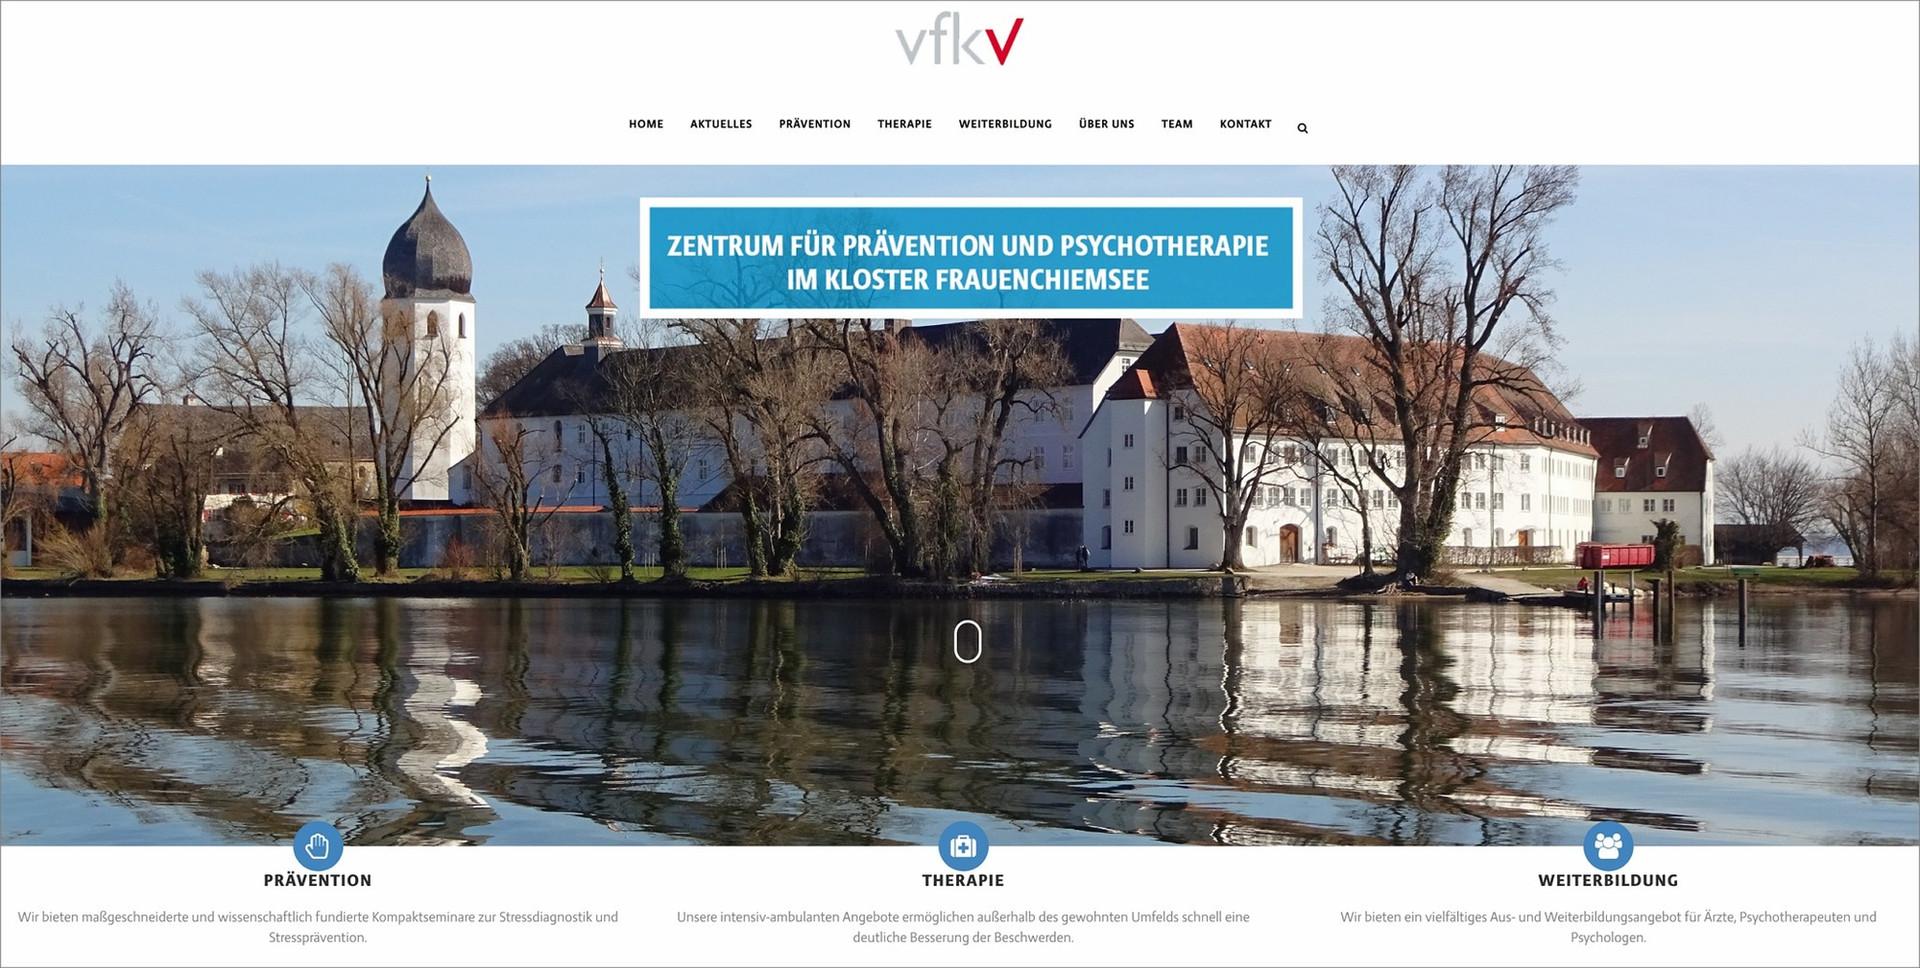 Zentrum für Prävention und Psychotherapie in der Abtei Frauenwörth